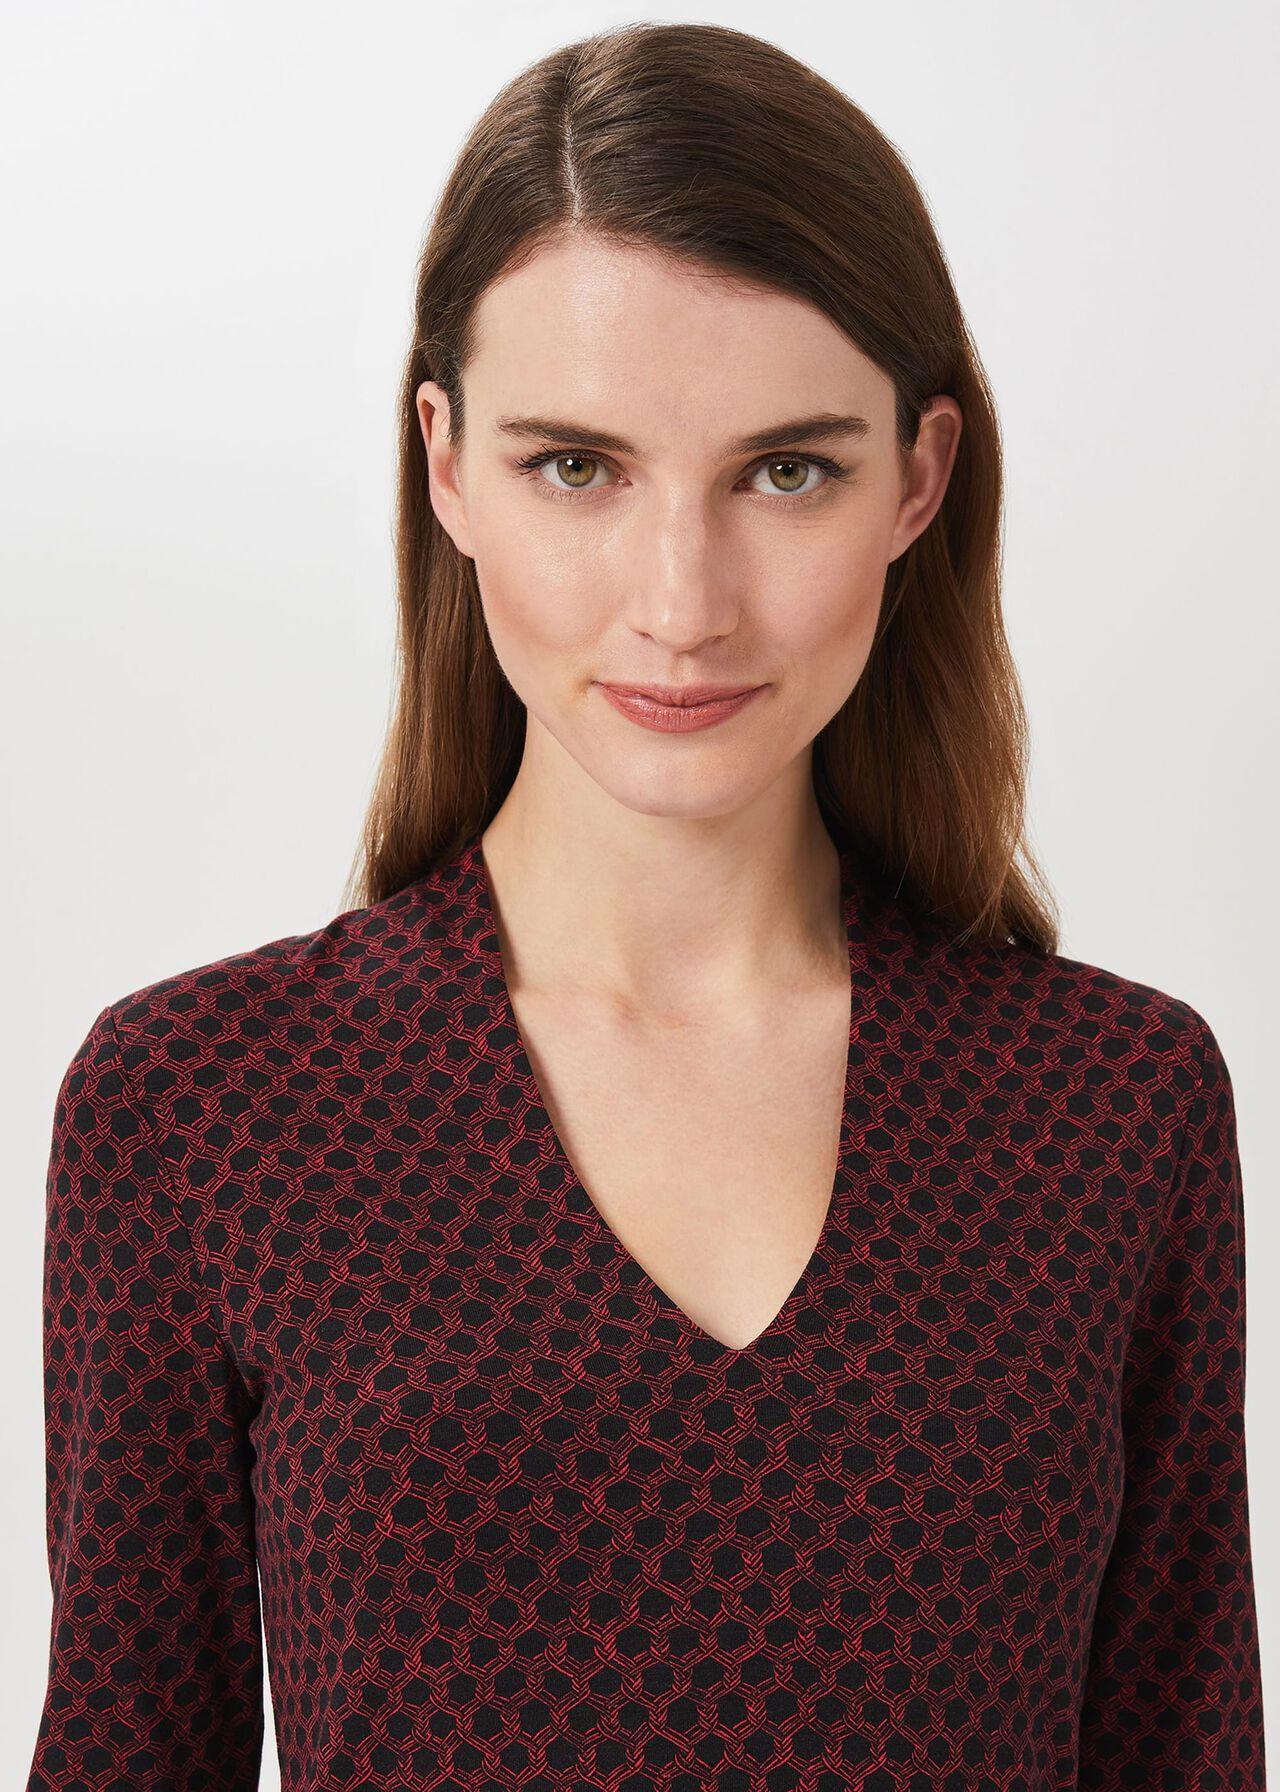 Aimee Printed Top, Navy Red, hi-res